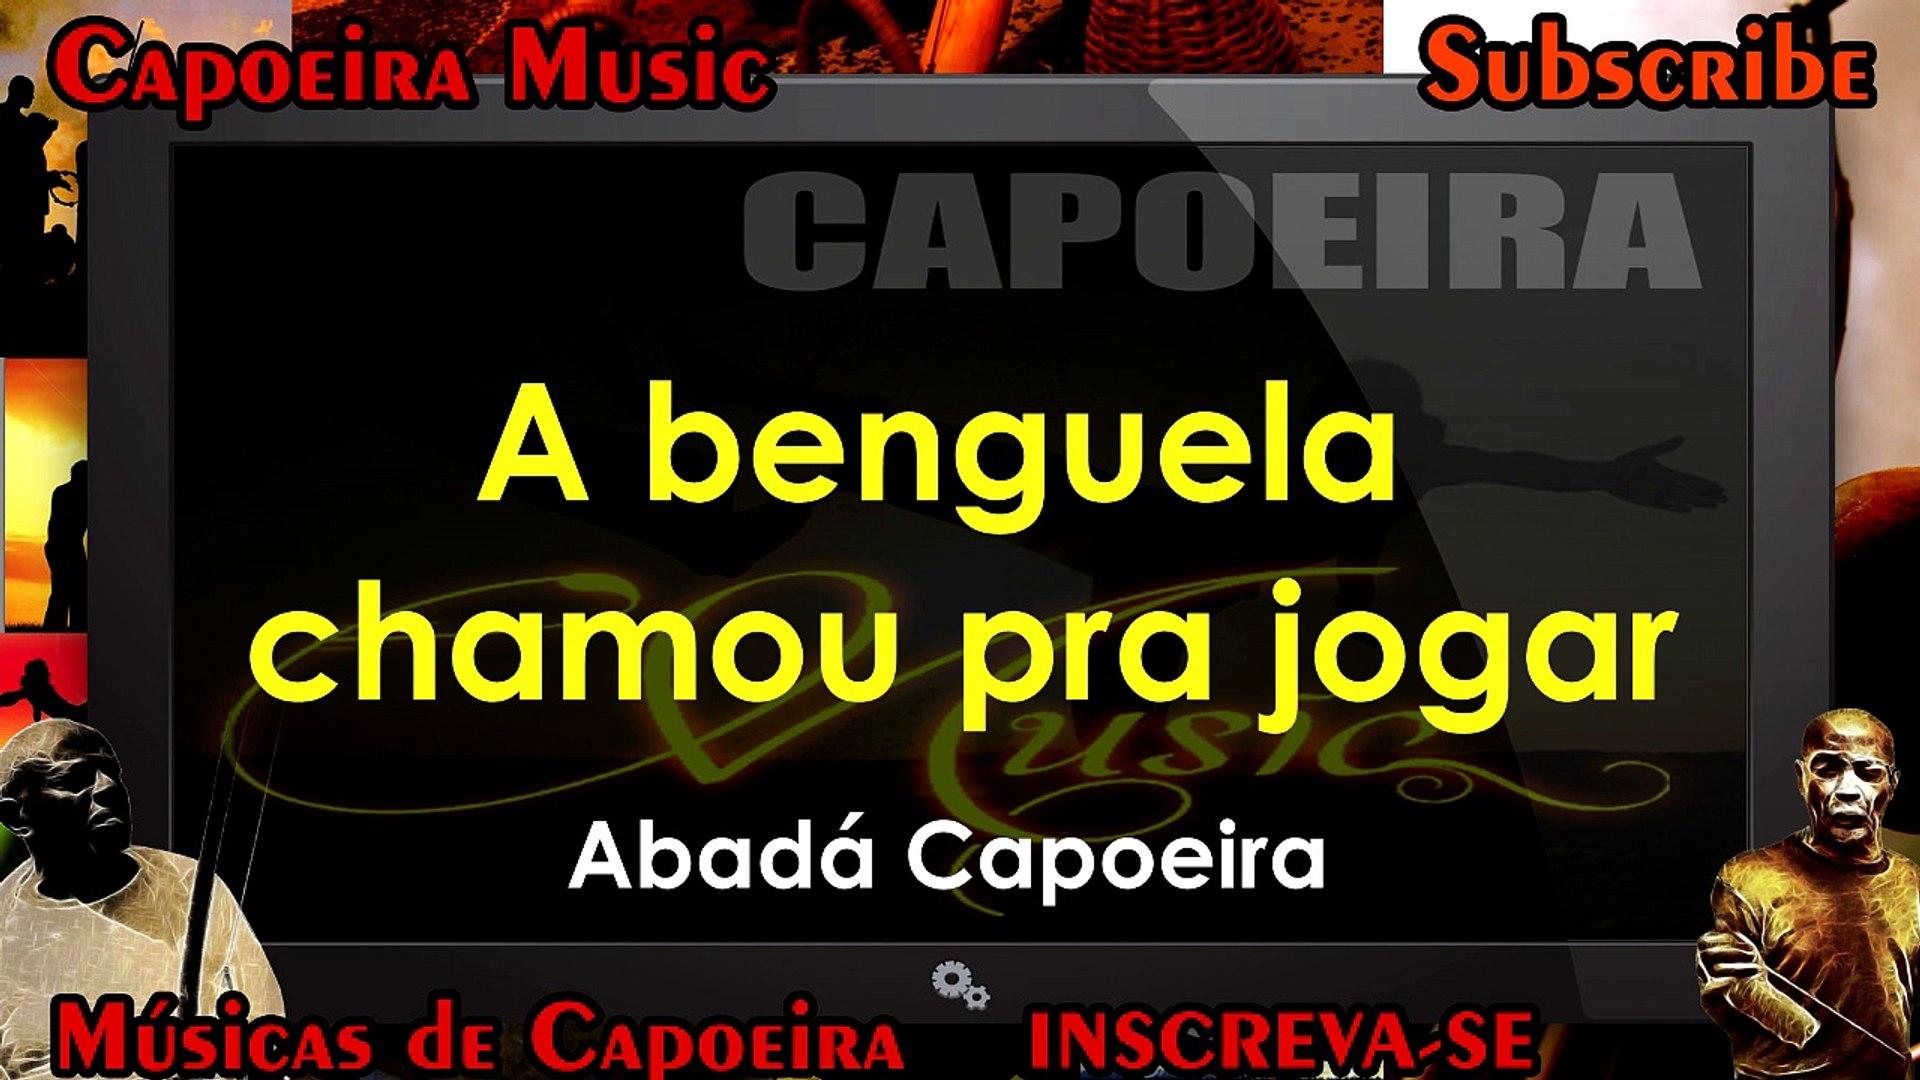 REGIONAL MUSICAS DE BAIXAR CAPOEIRA